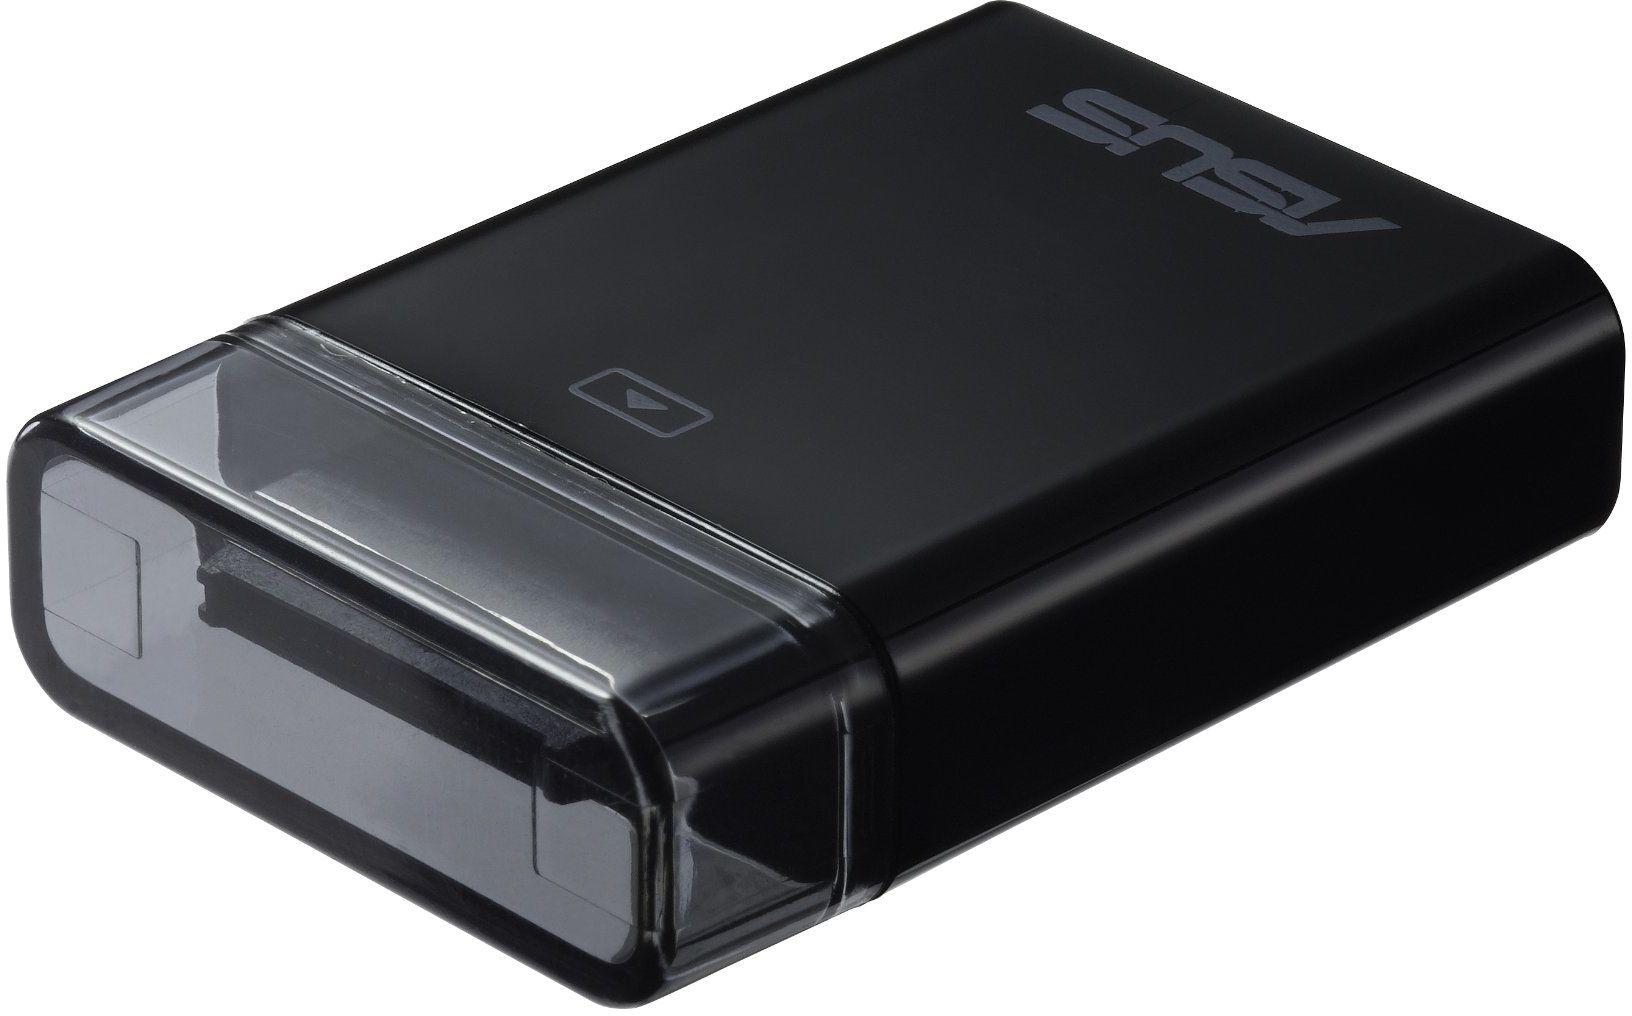 Asus Zestaw rozszerzeń SD do Asus Transformer Pad TF101/TF201/TF300